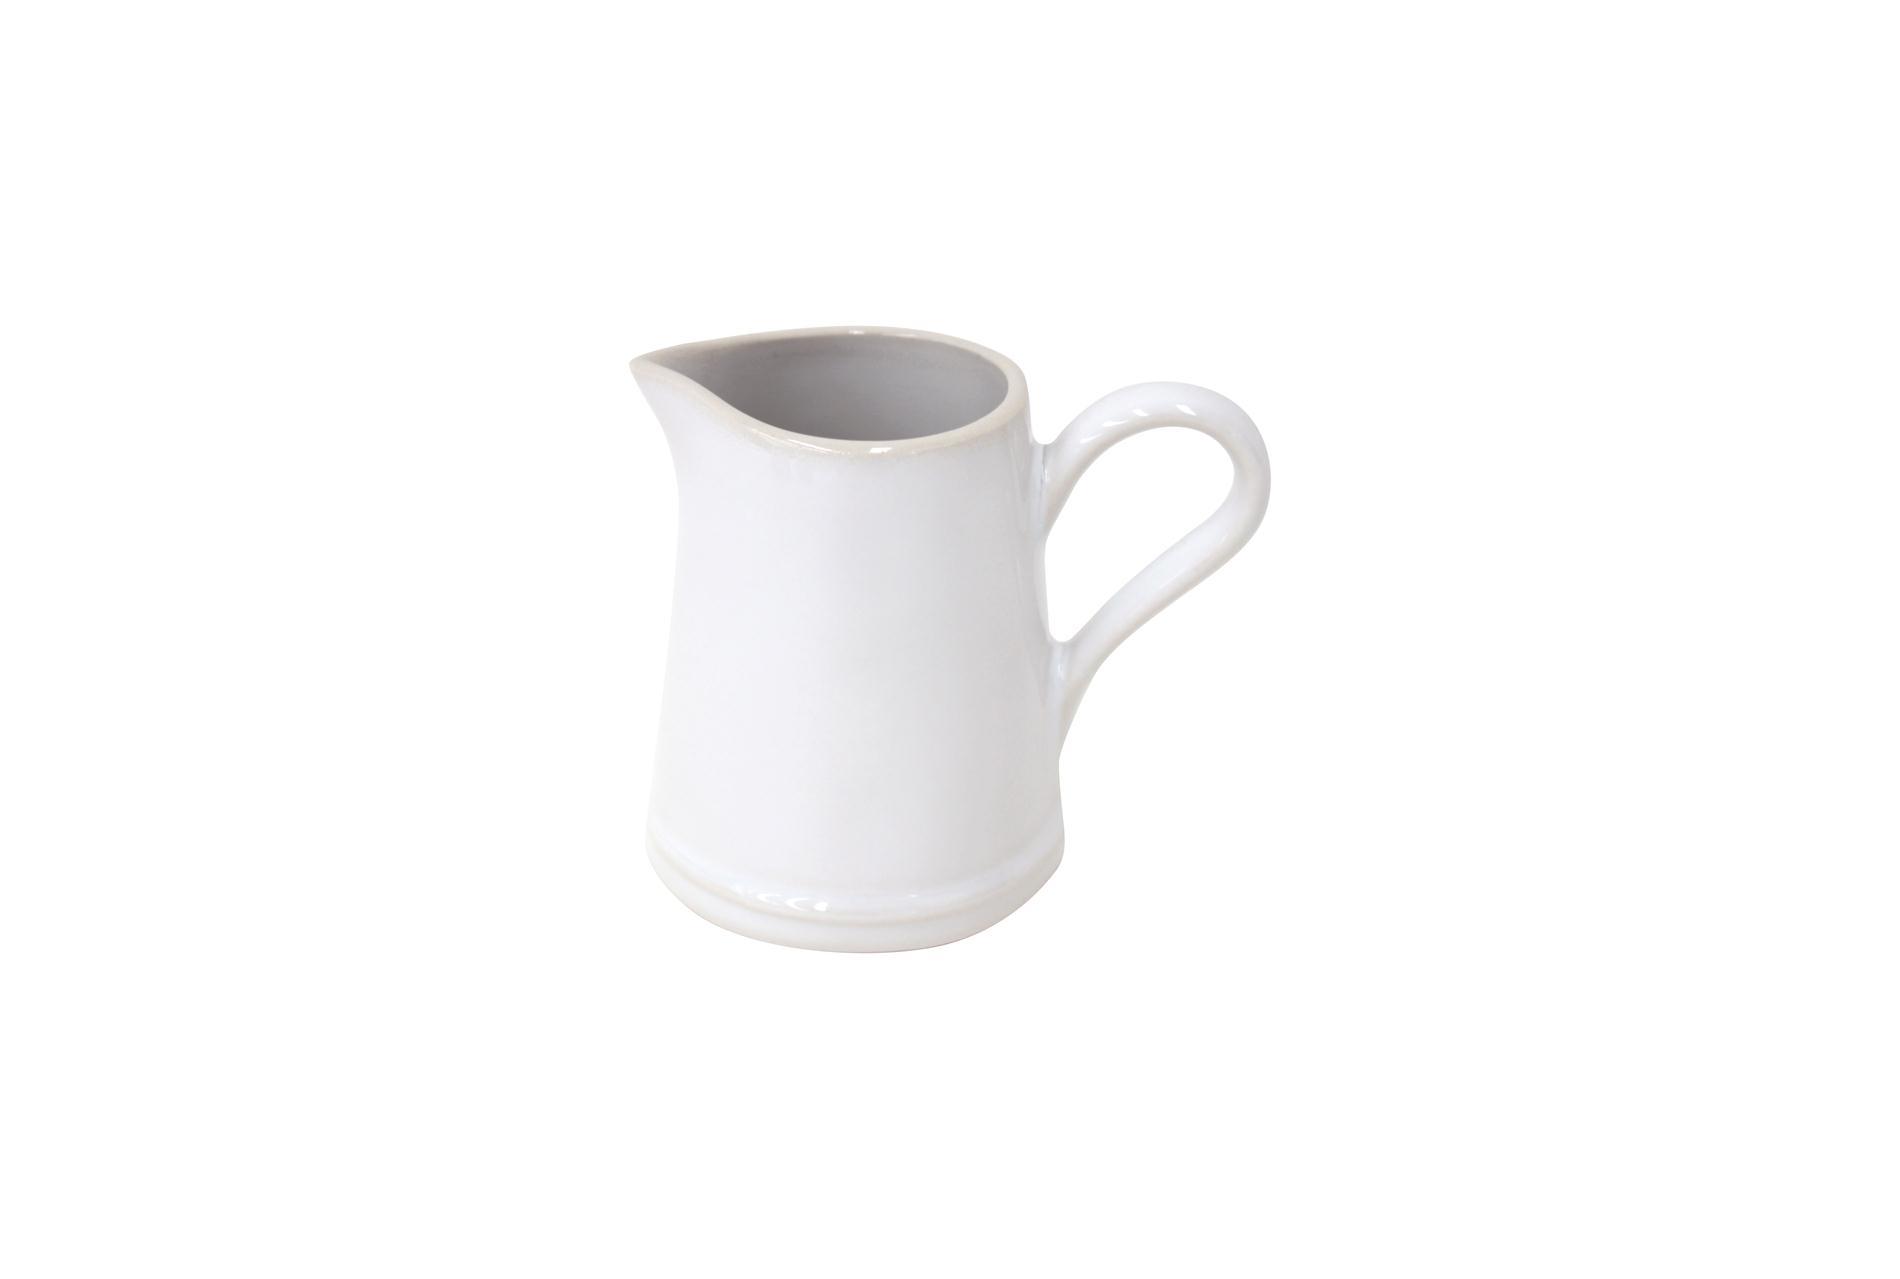 Milchgiesser/ Milchkännchen, Astoria, weiß